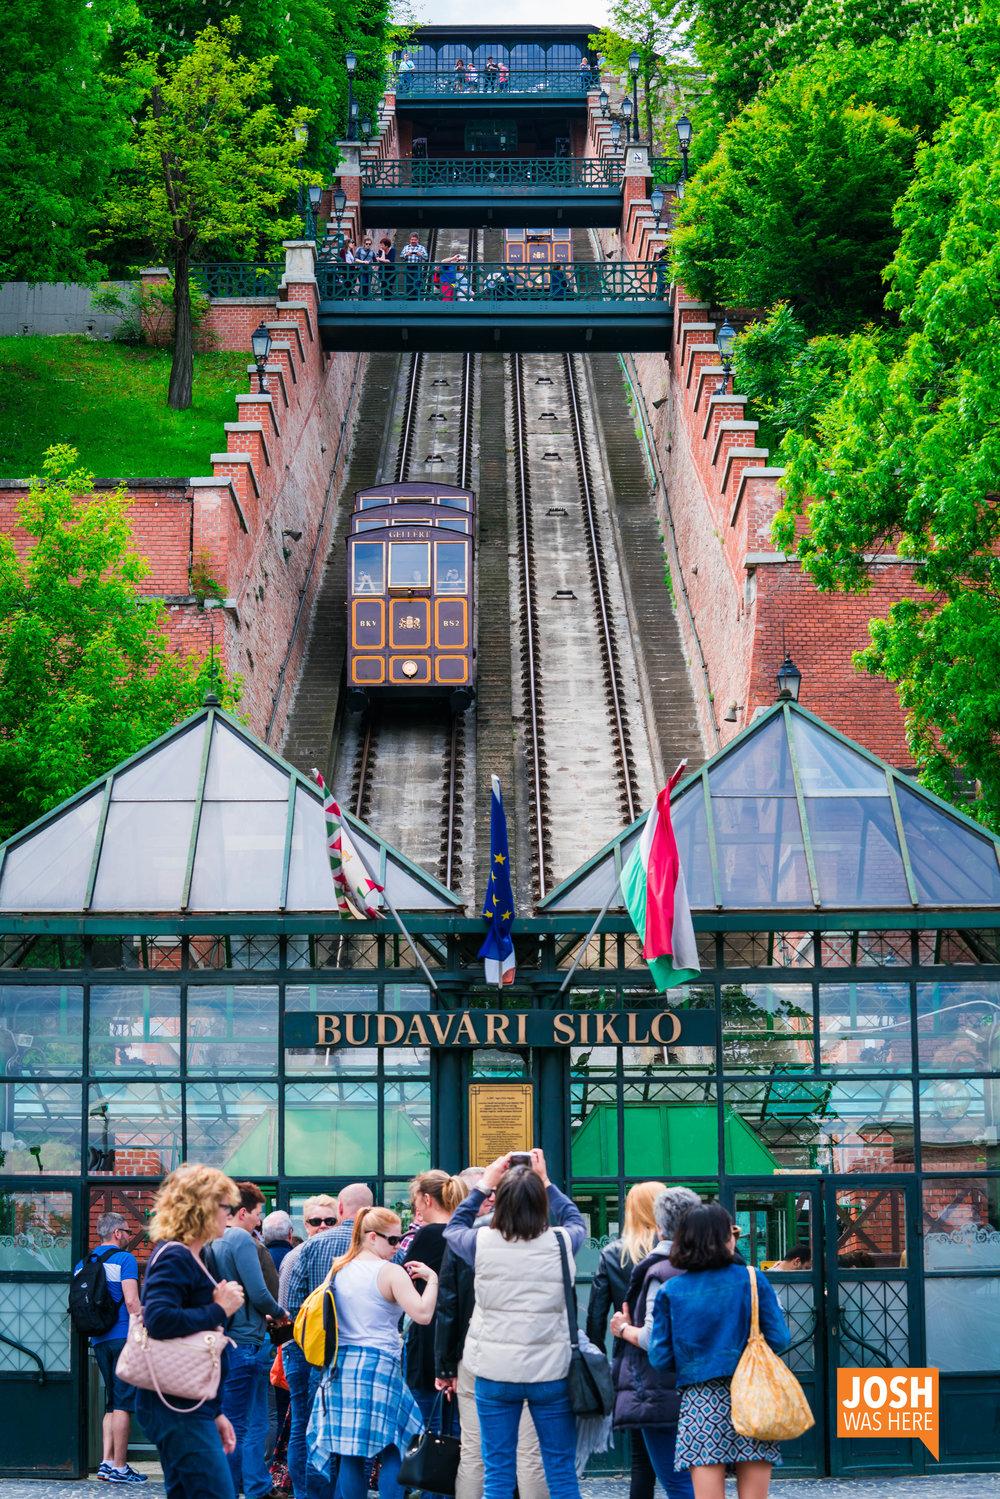 Budapest Castle Hill Funicular / Budavári sikló